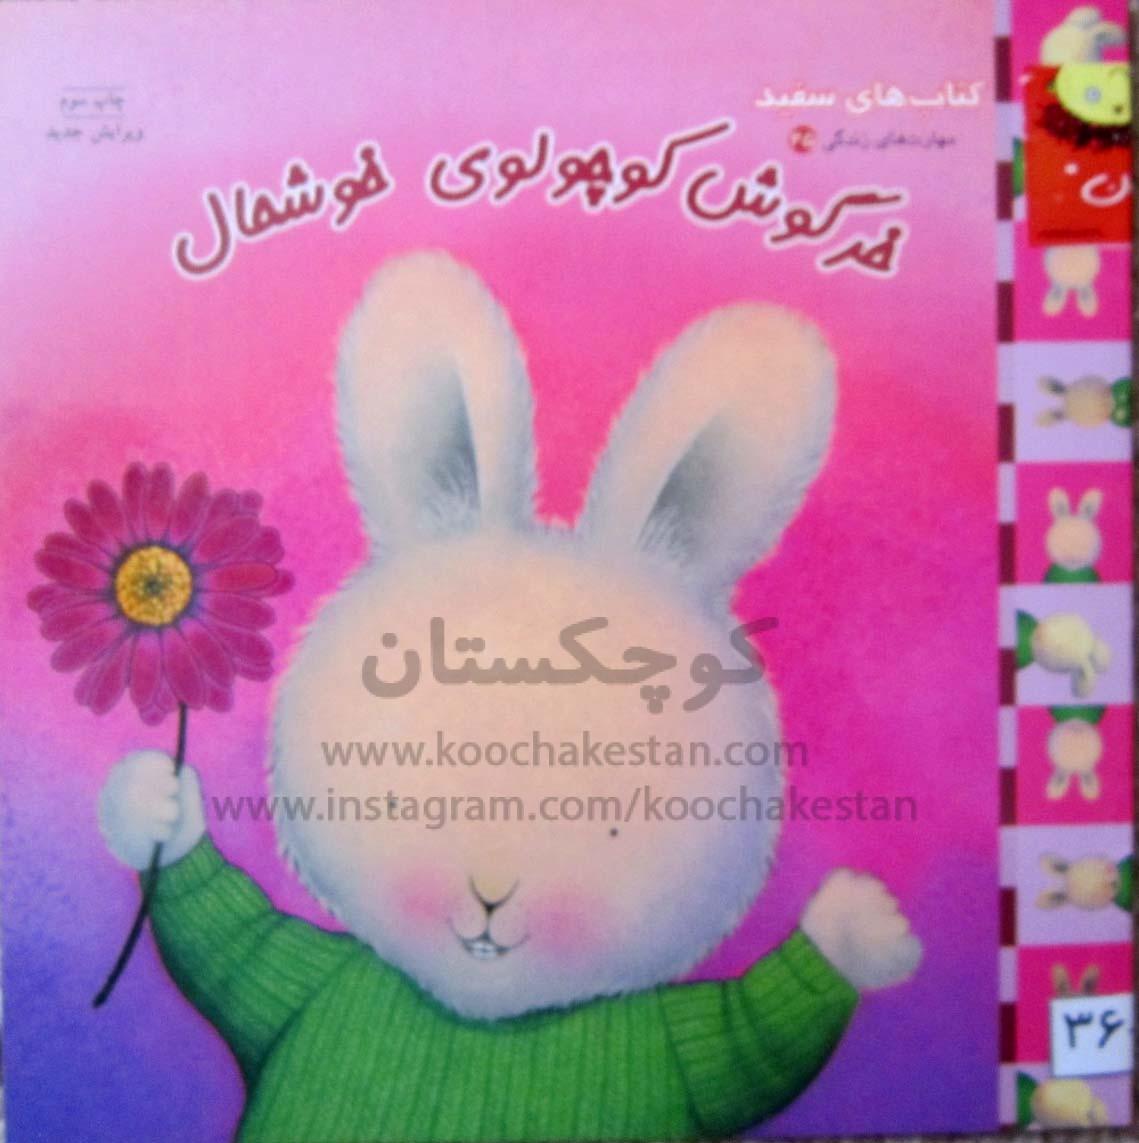 خرگوش کوچولوی خوشحال - کتابخانه کودک - کوچکستان